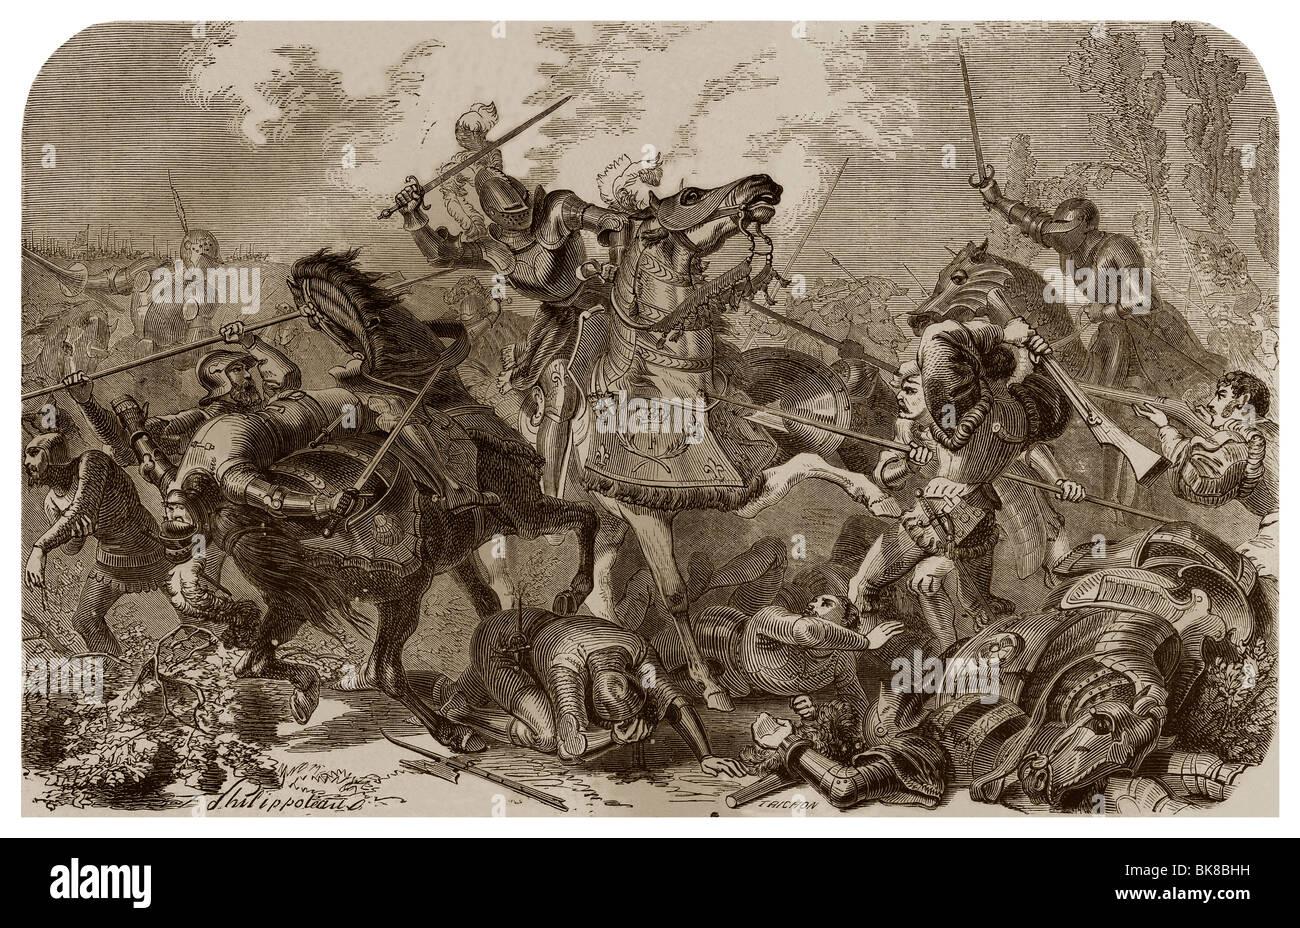 Am 24. Februar 1525, als Bestandteil der sechsten italienischen Krieg, Schlacht von Pavia. Stockbild